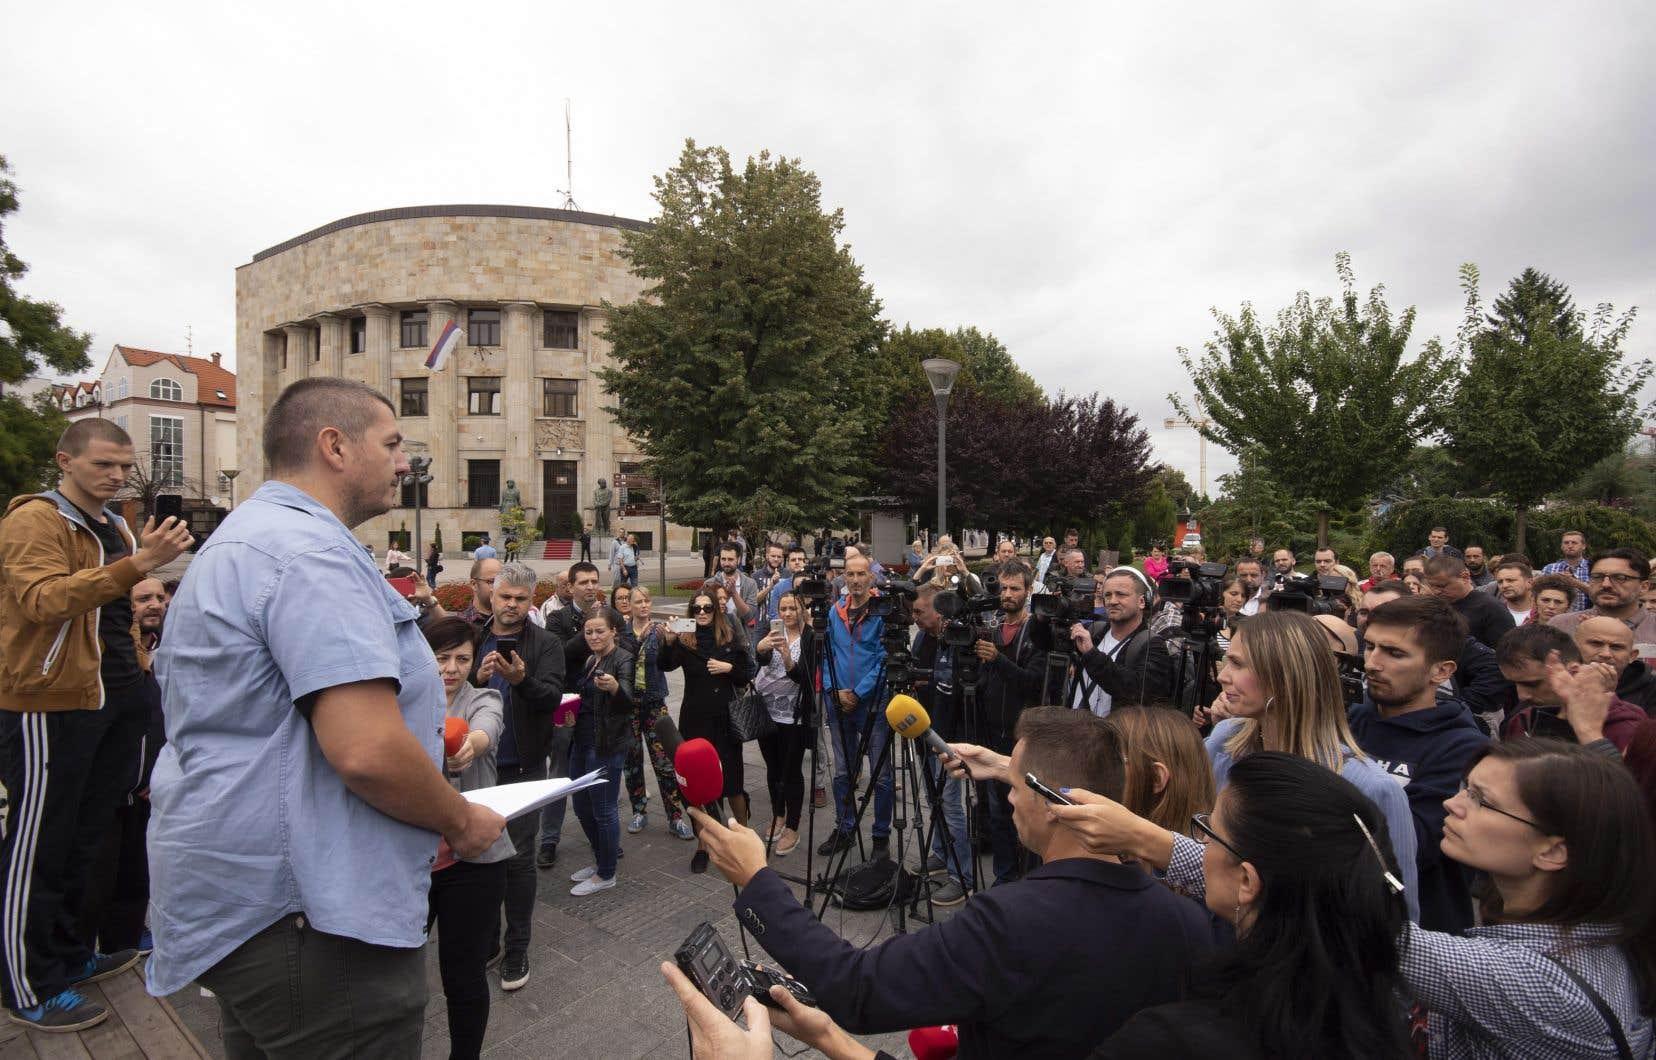 Les journalistes bosniaques font régulièrement l'objet d'attaques verbales, de menaces et de procès en diffamation dans le contexte politique très polarisé.